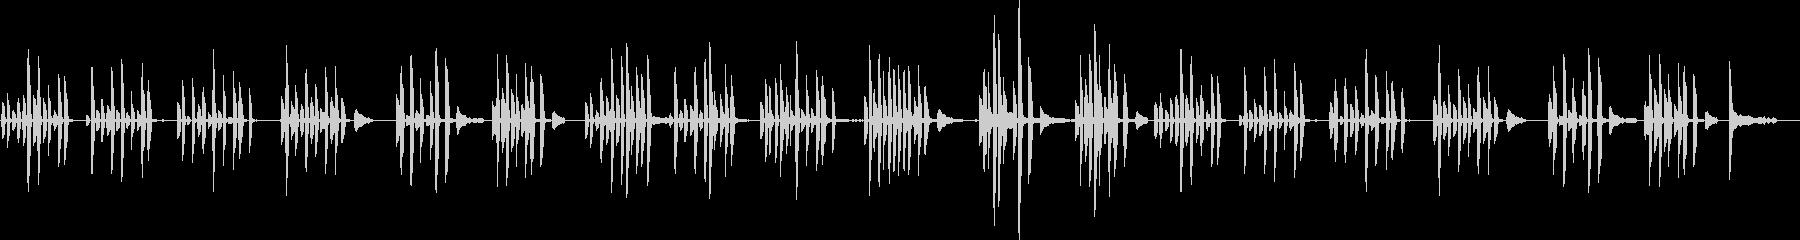 ほのぼのピアノ、穏やかなピアノソロの未再生の波形